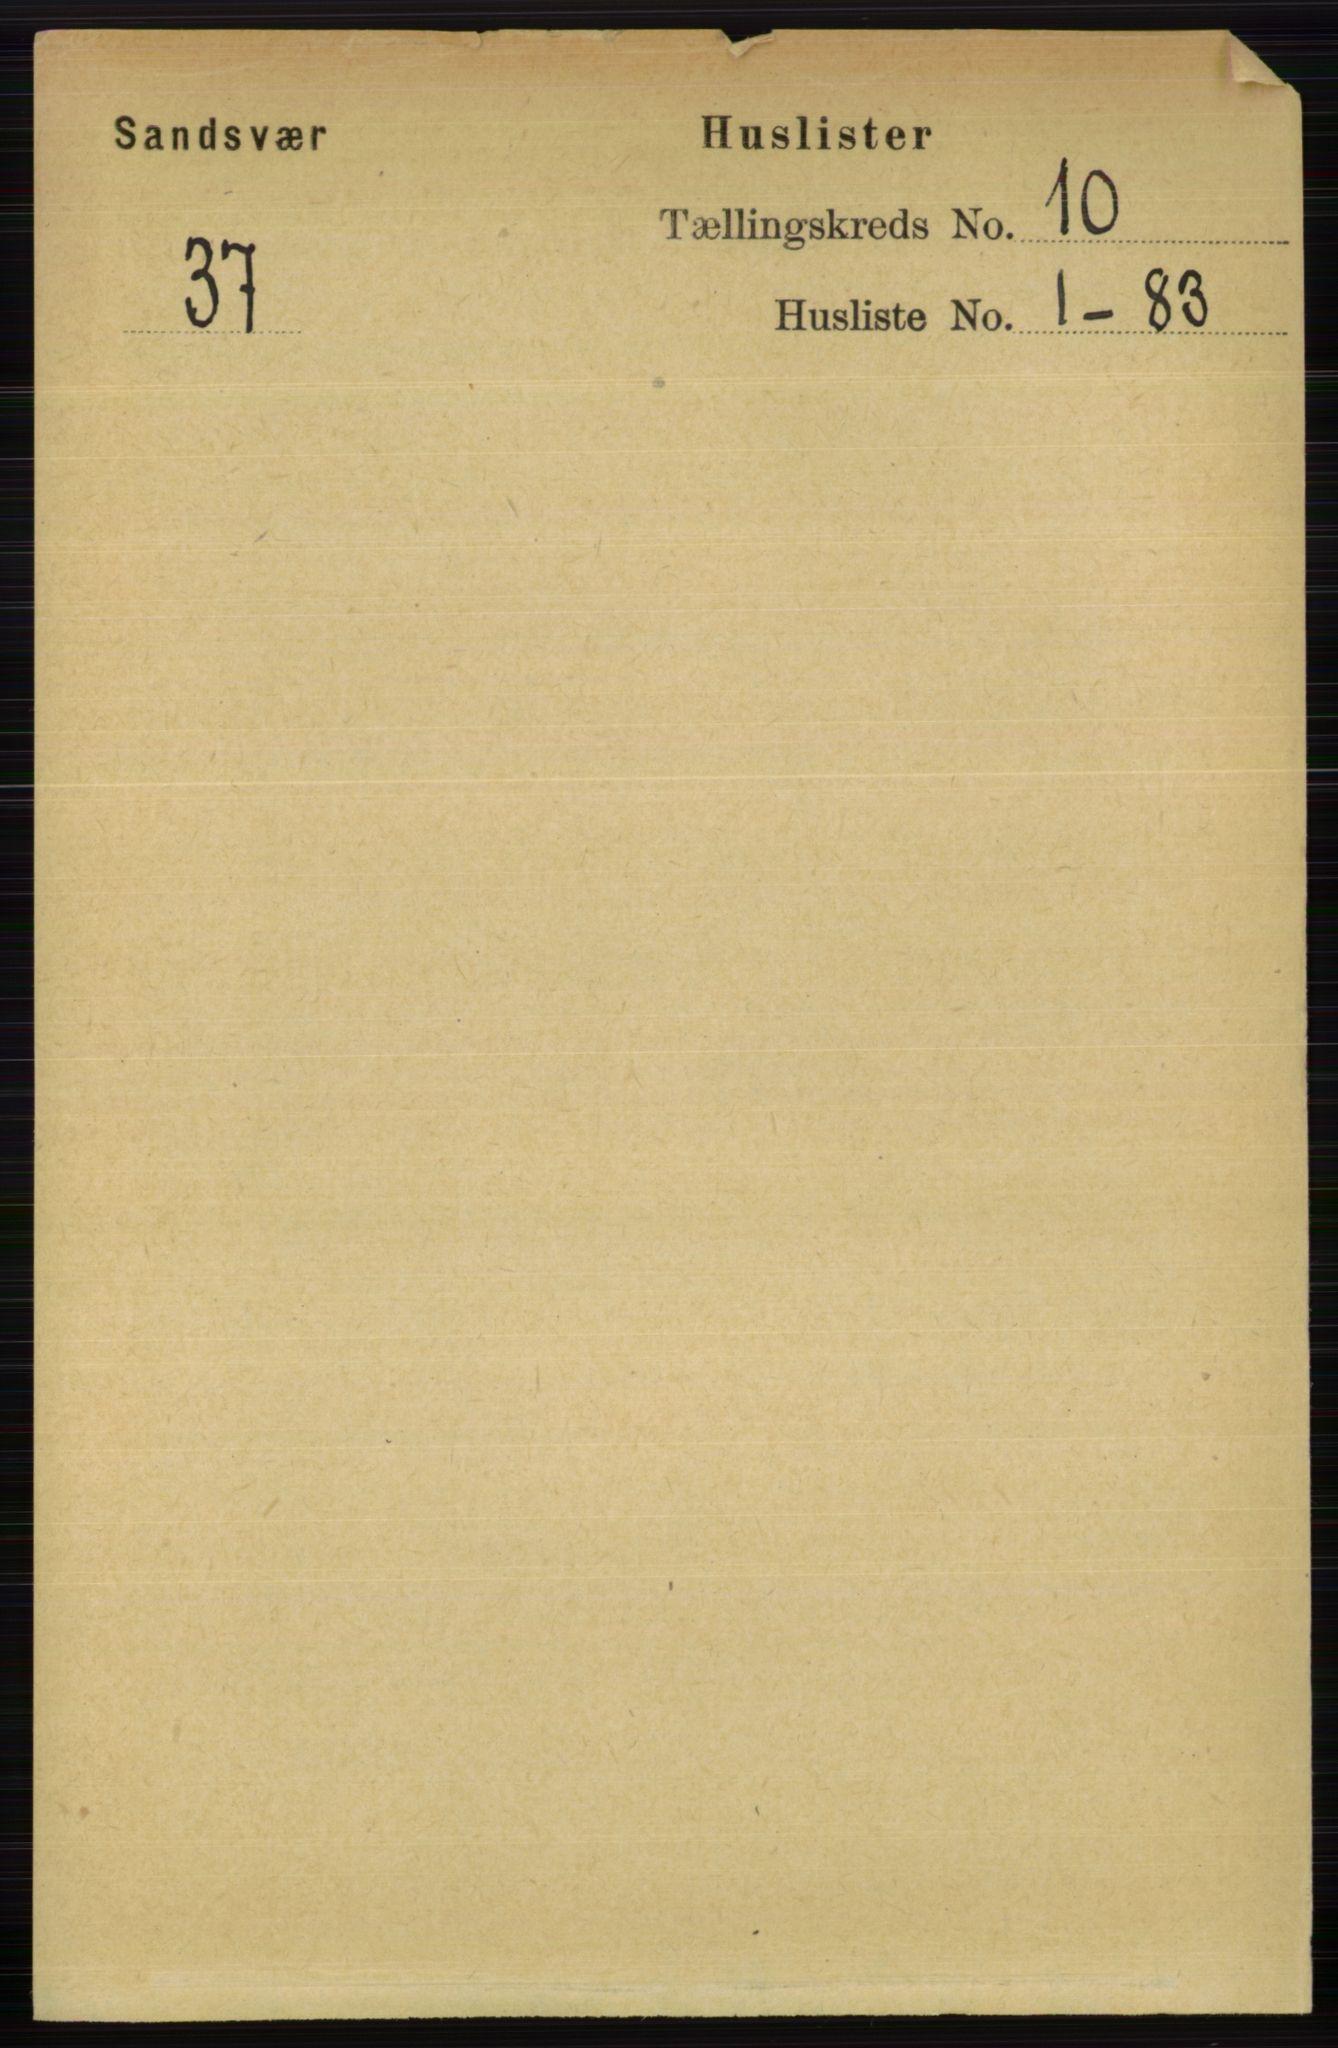 RA, Folketelling 1891 for 0629 Sandsvær herred, 1891, s. 4834